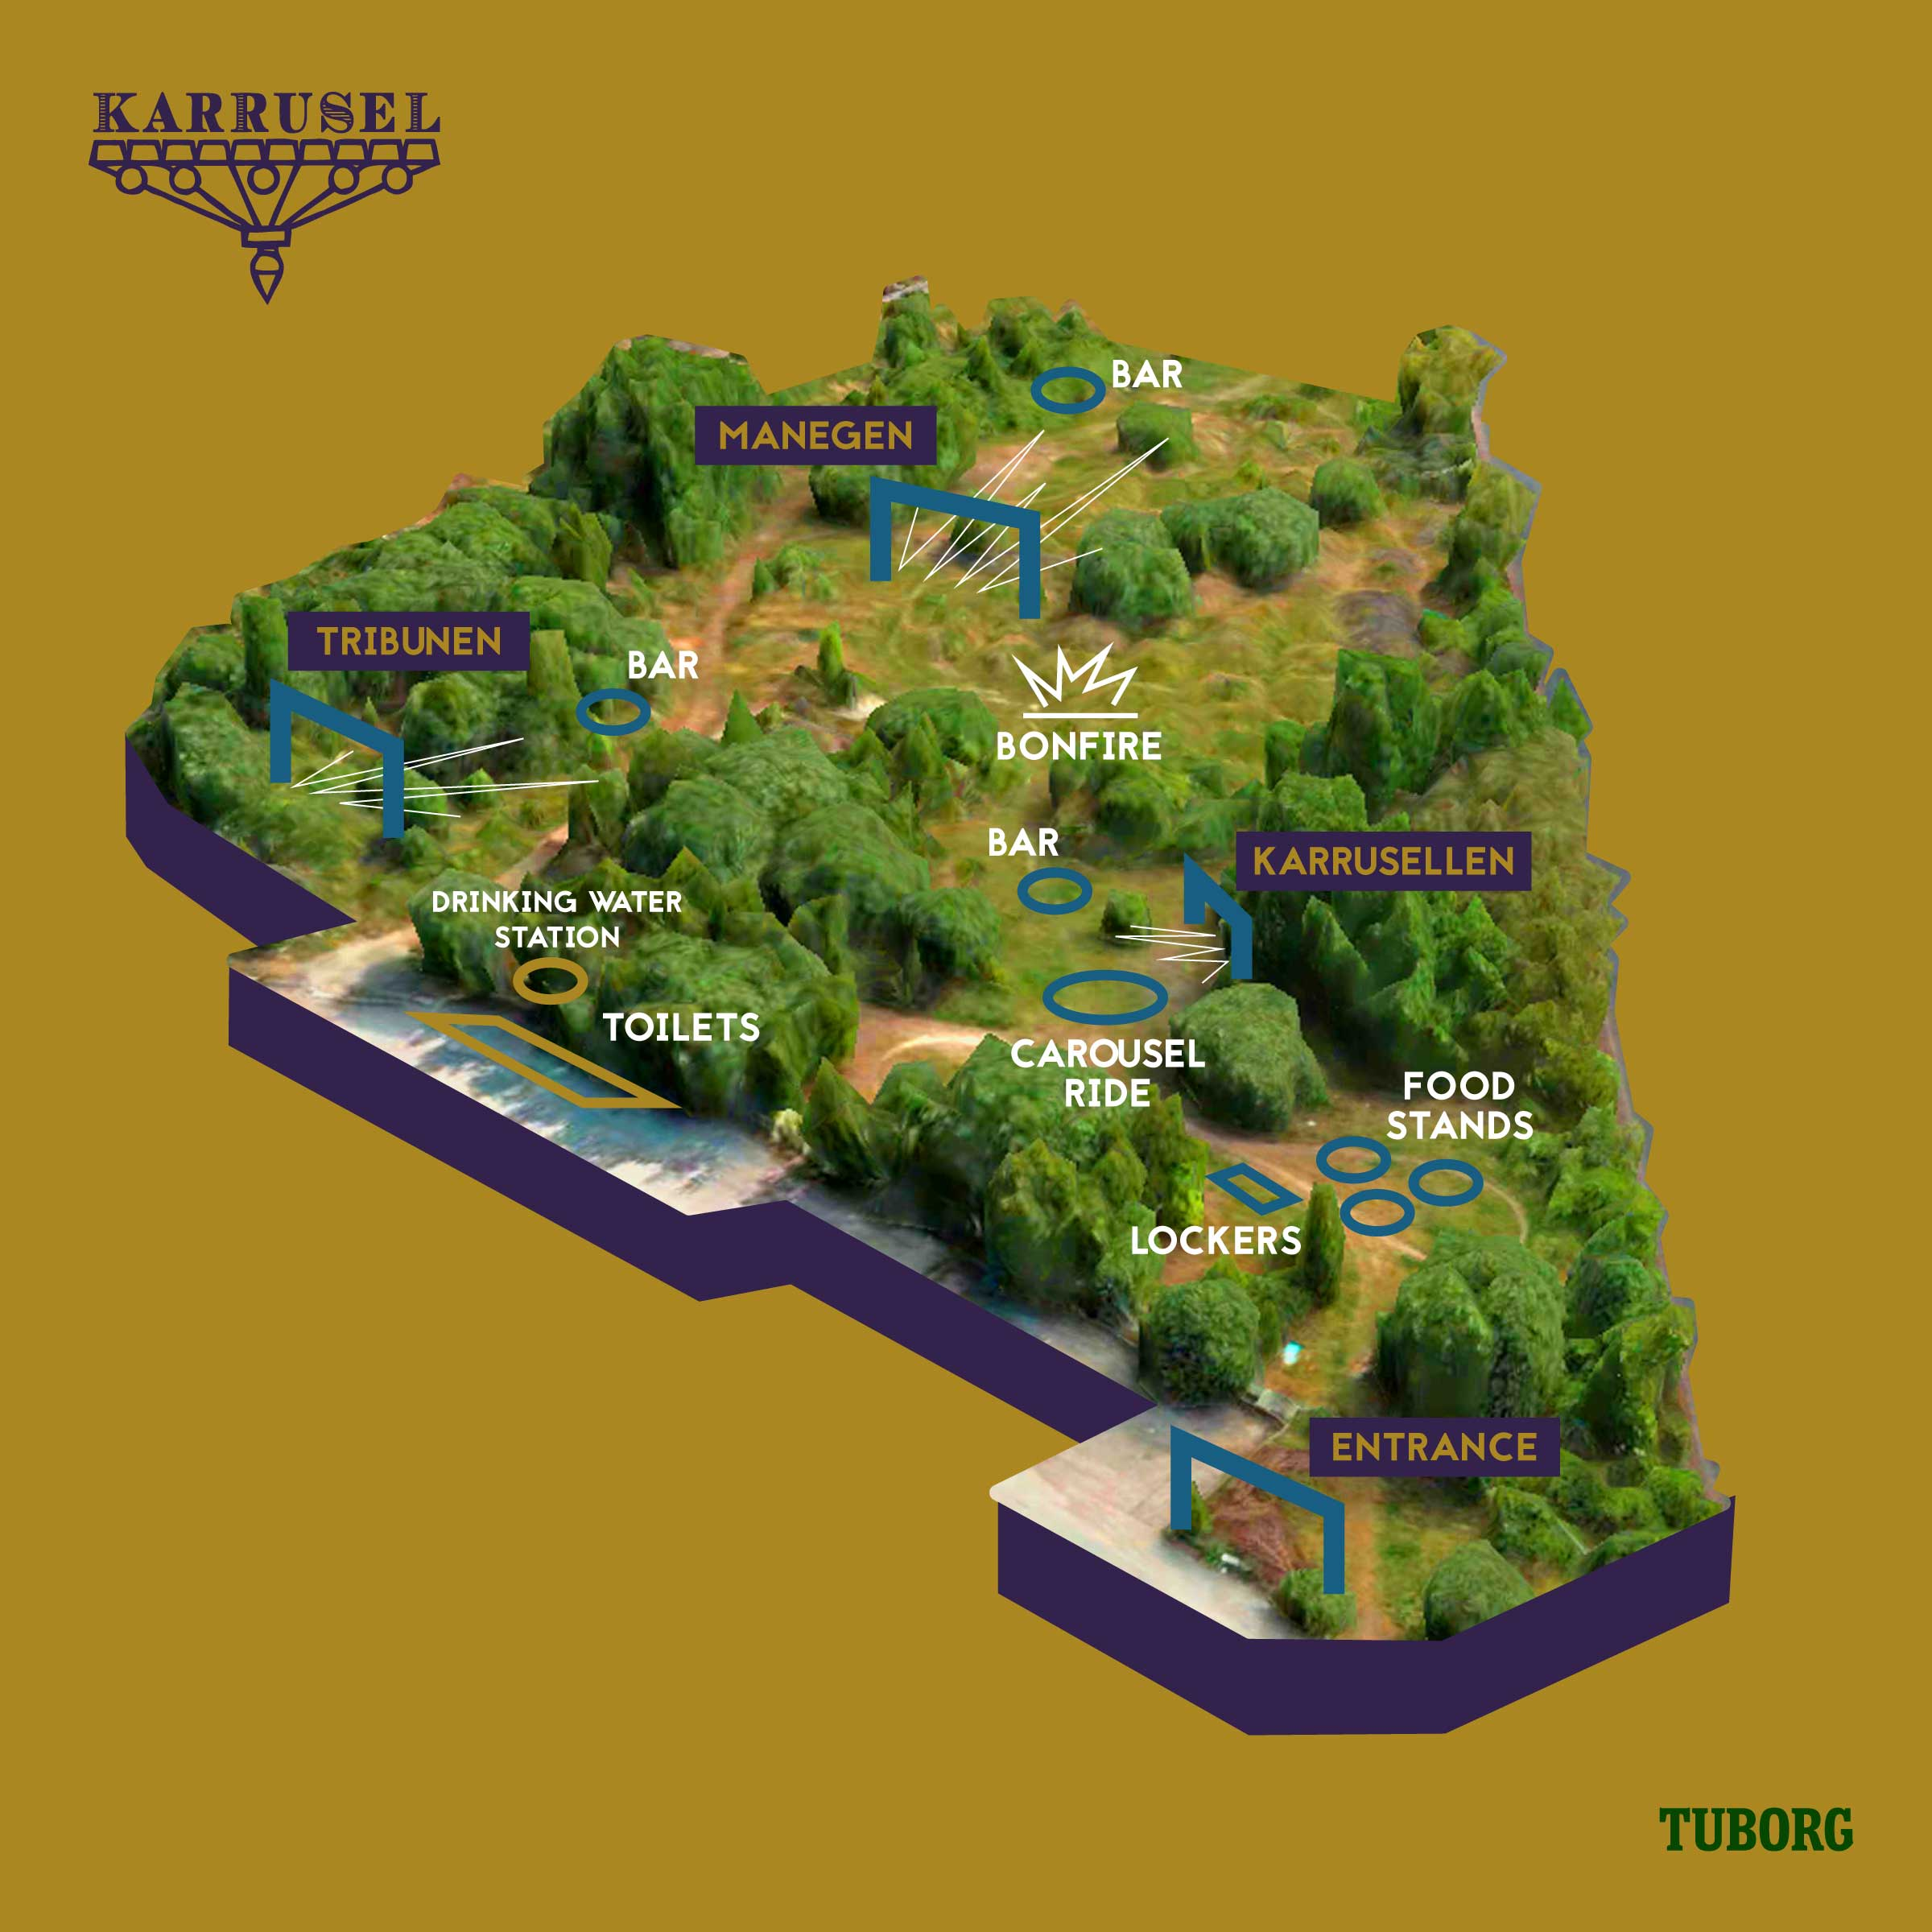 karrusel-map.jpg